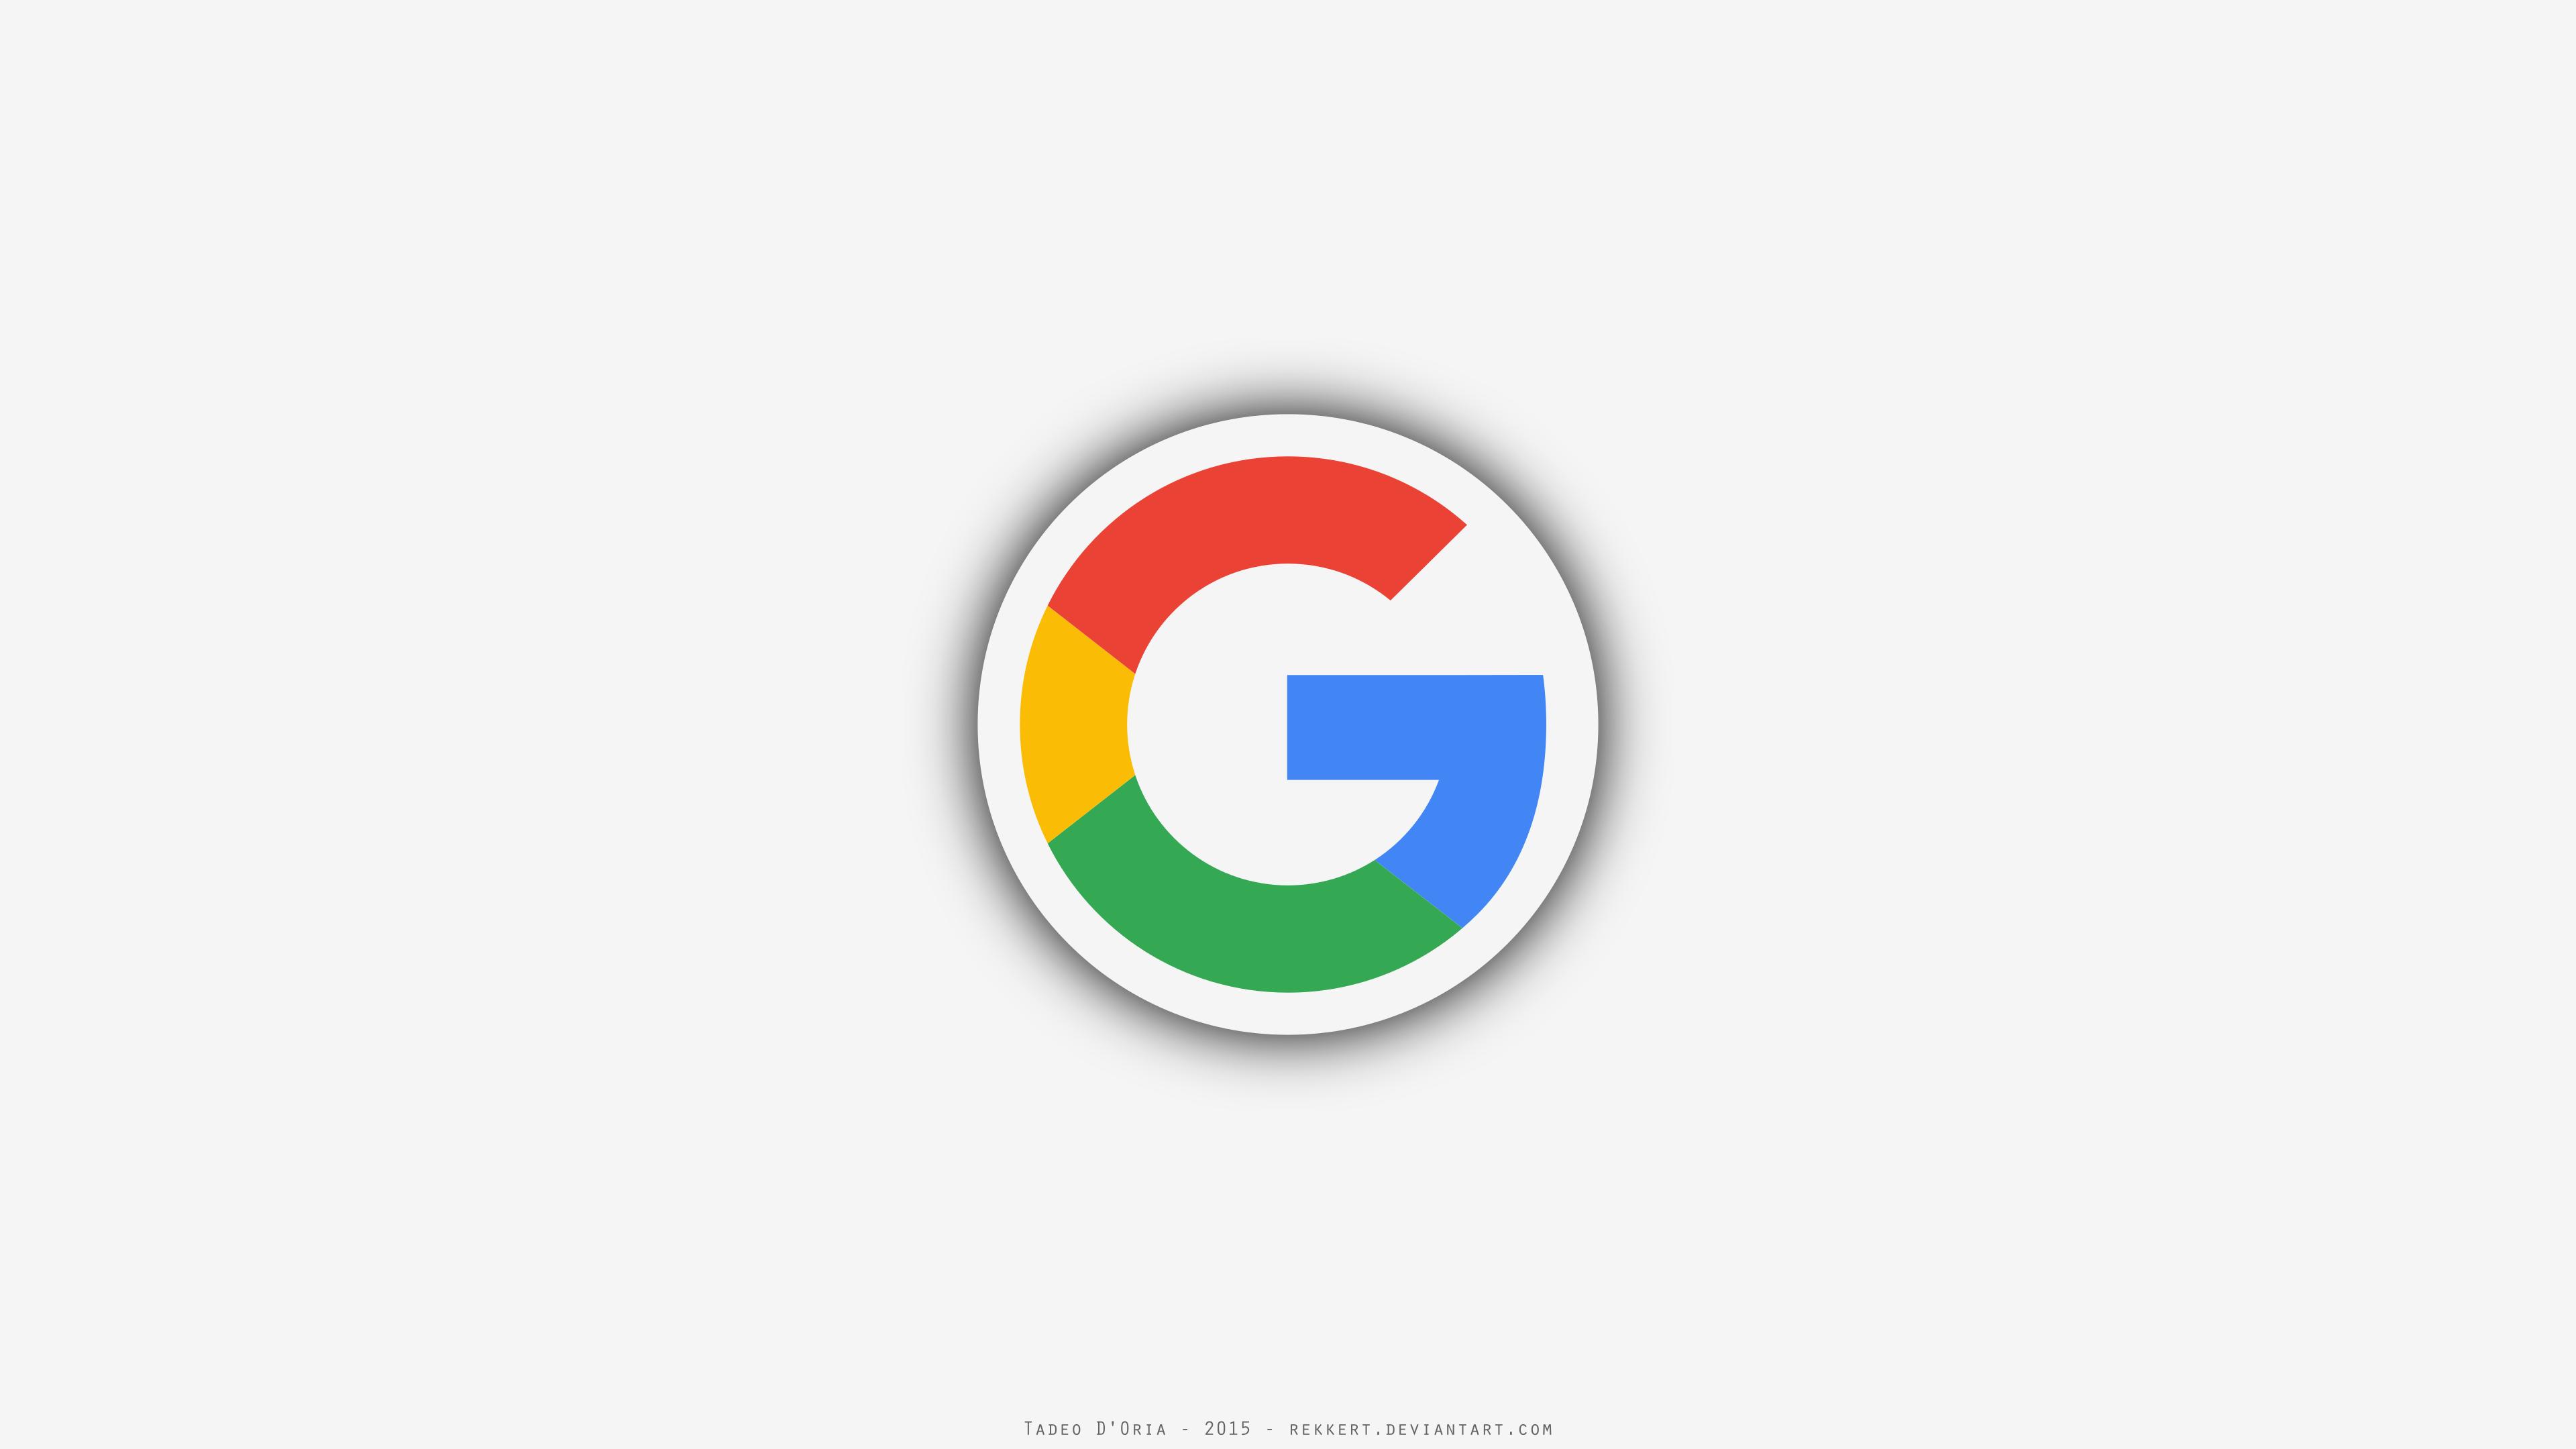 Google, görsel aramalarını tamamen yeniliyor - Slayt | Hedza - Teknoloji u0026  Yaşam - Google Photos Logo PNG